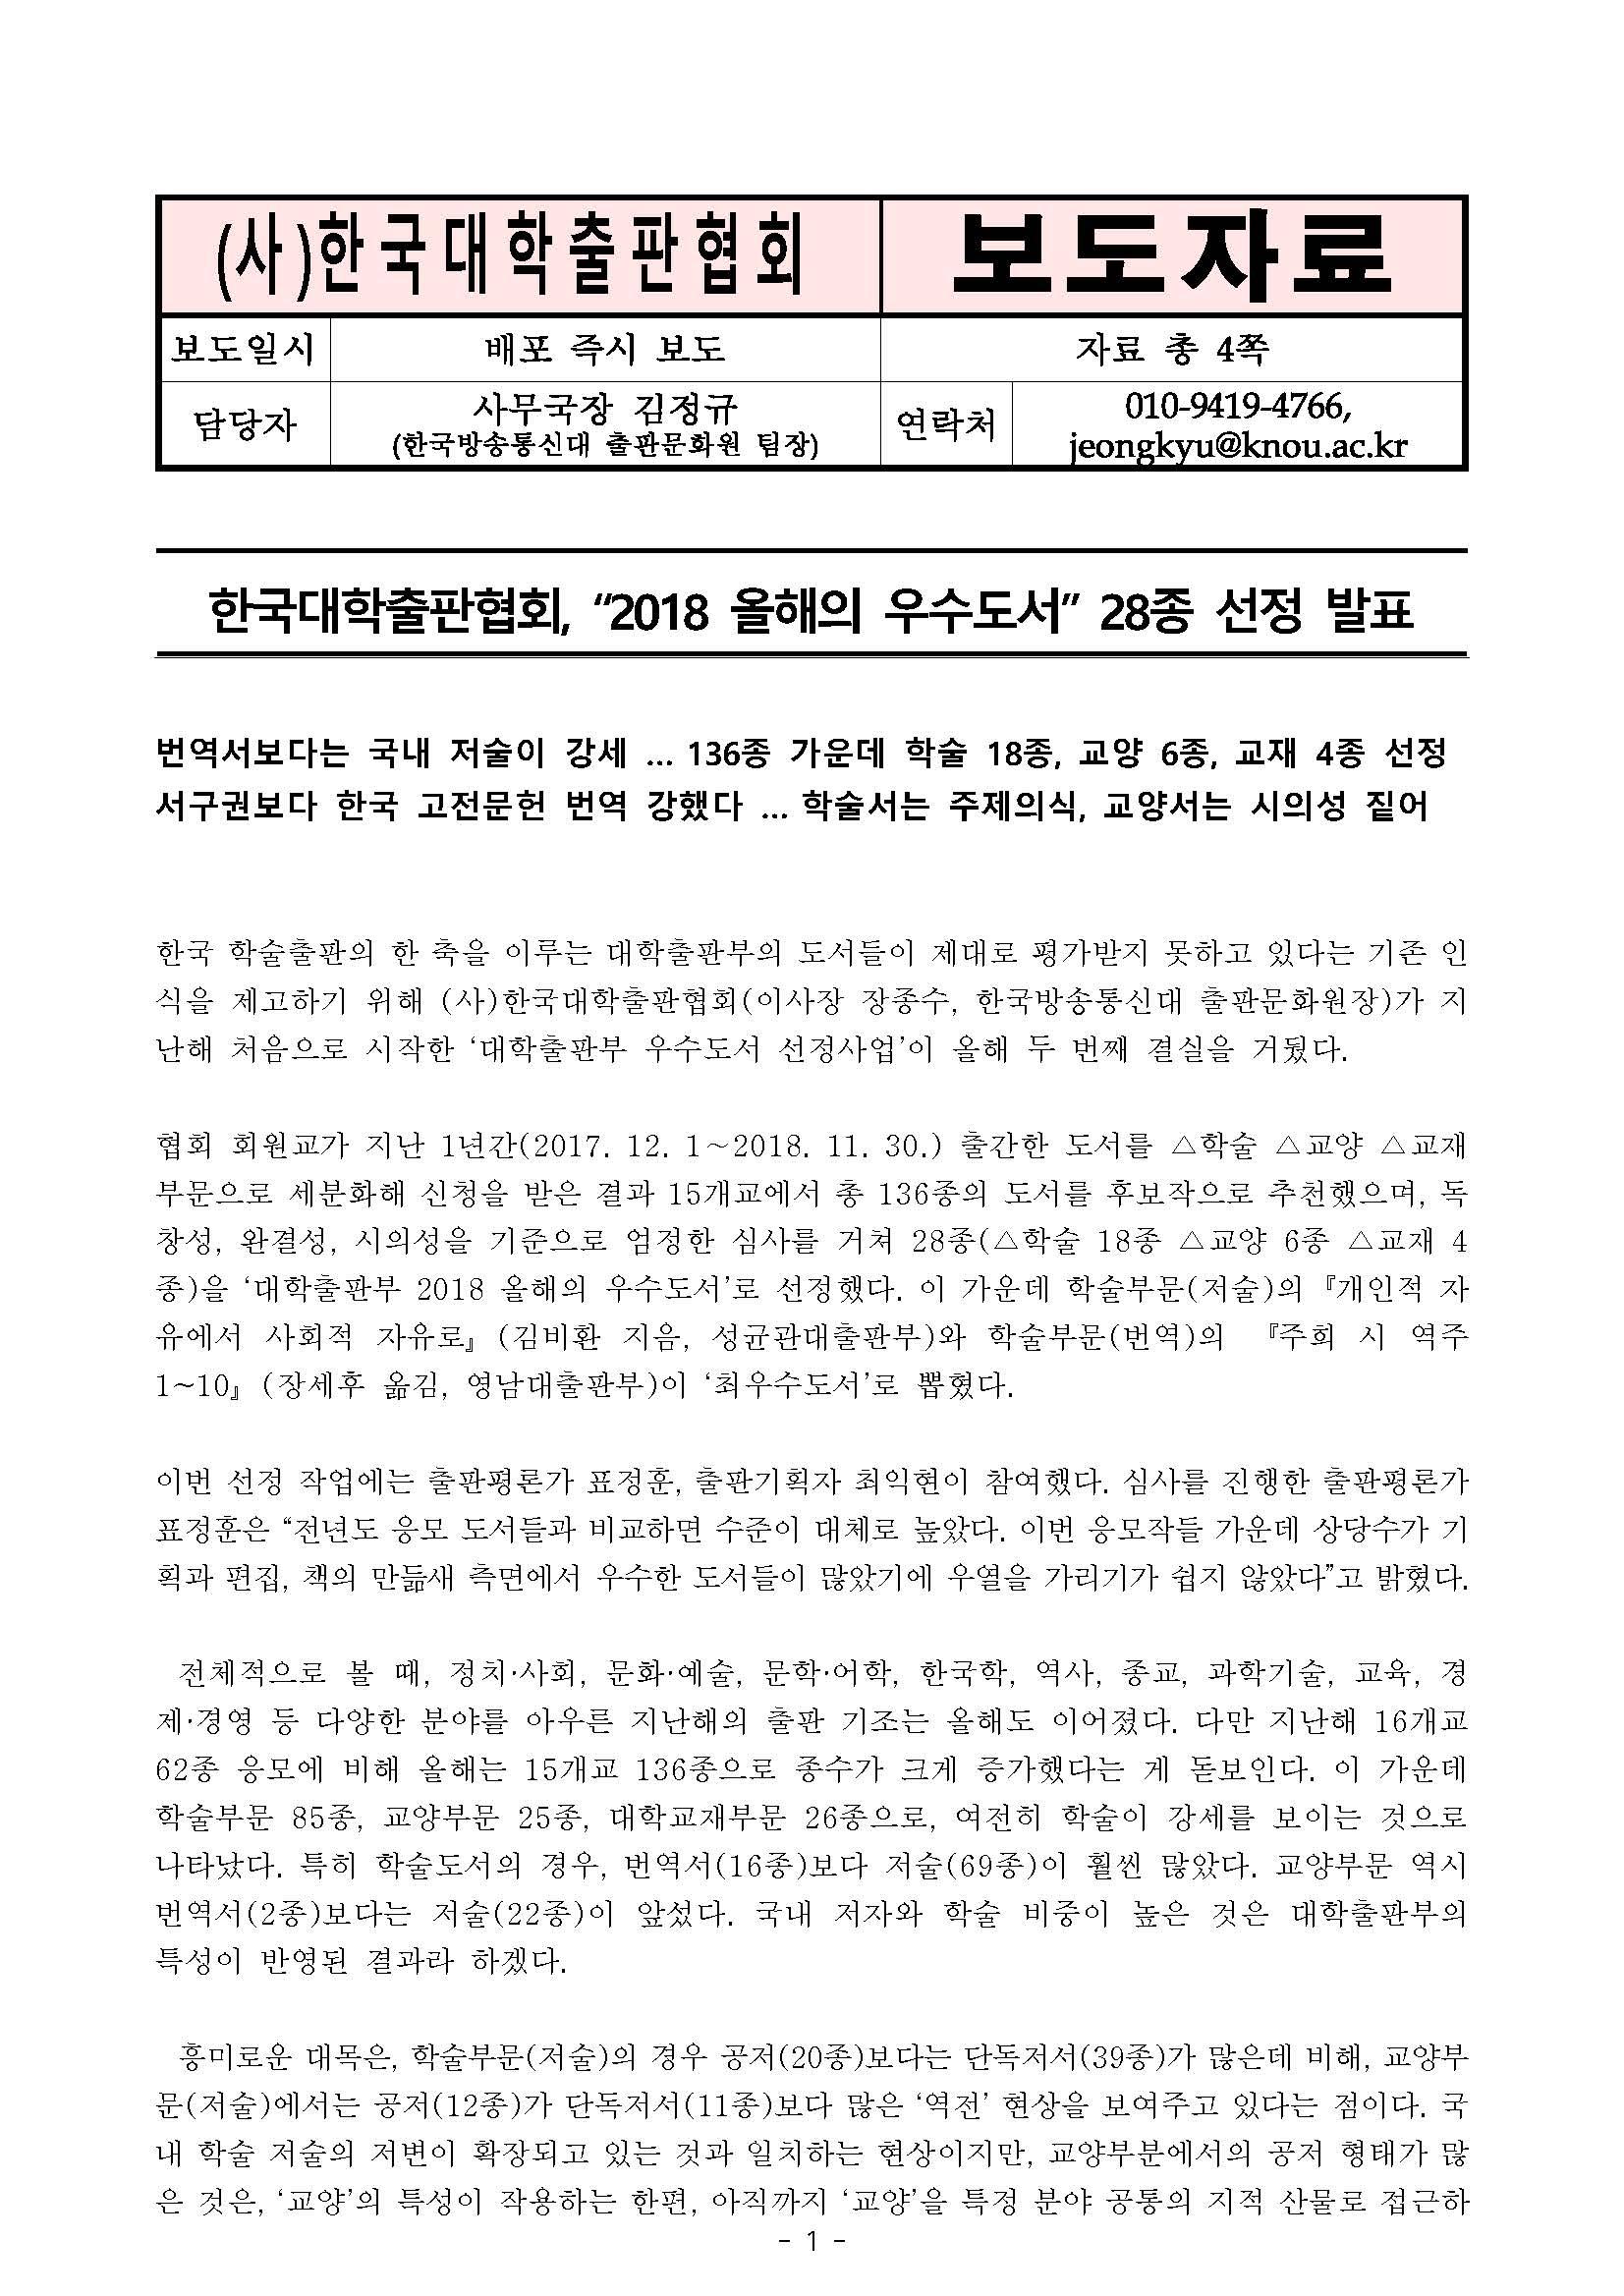 한국대학출판협회 보도자료-2018 올해의 우수도서 선정 결과-배포본_페이지_1.jpg